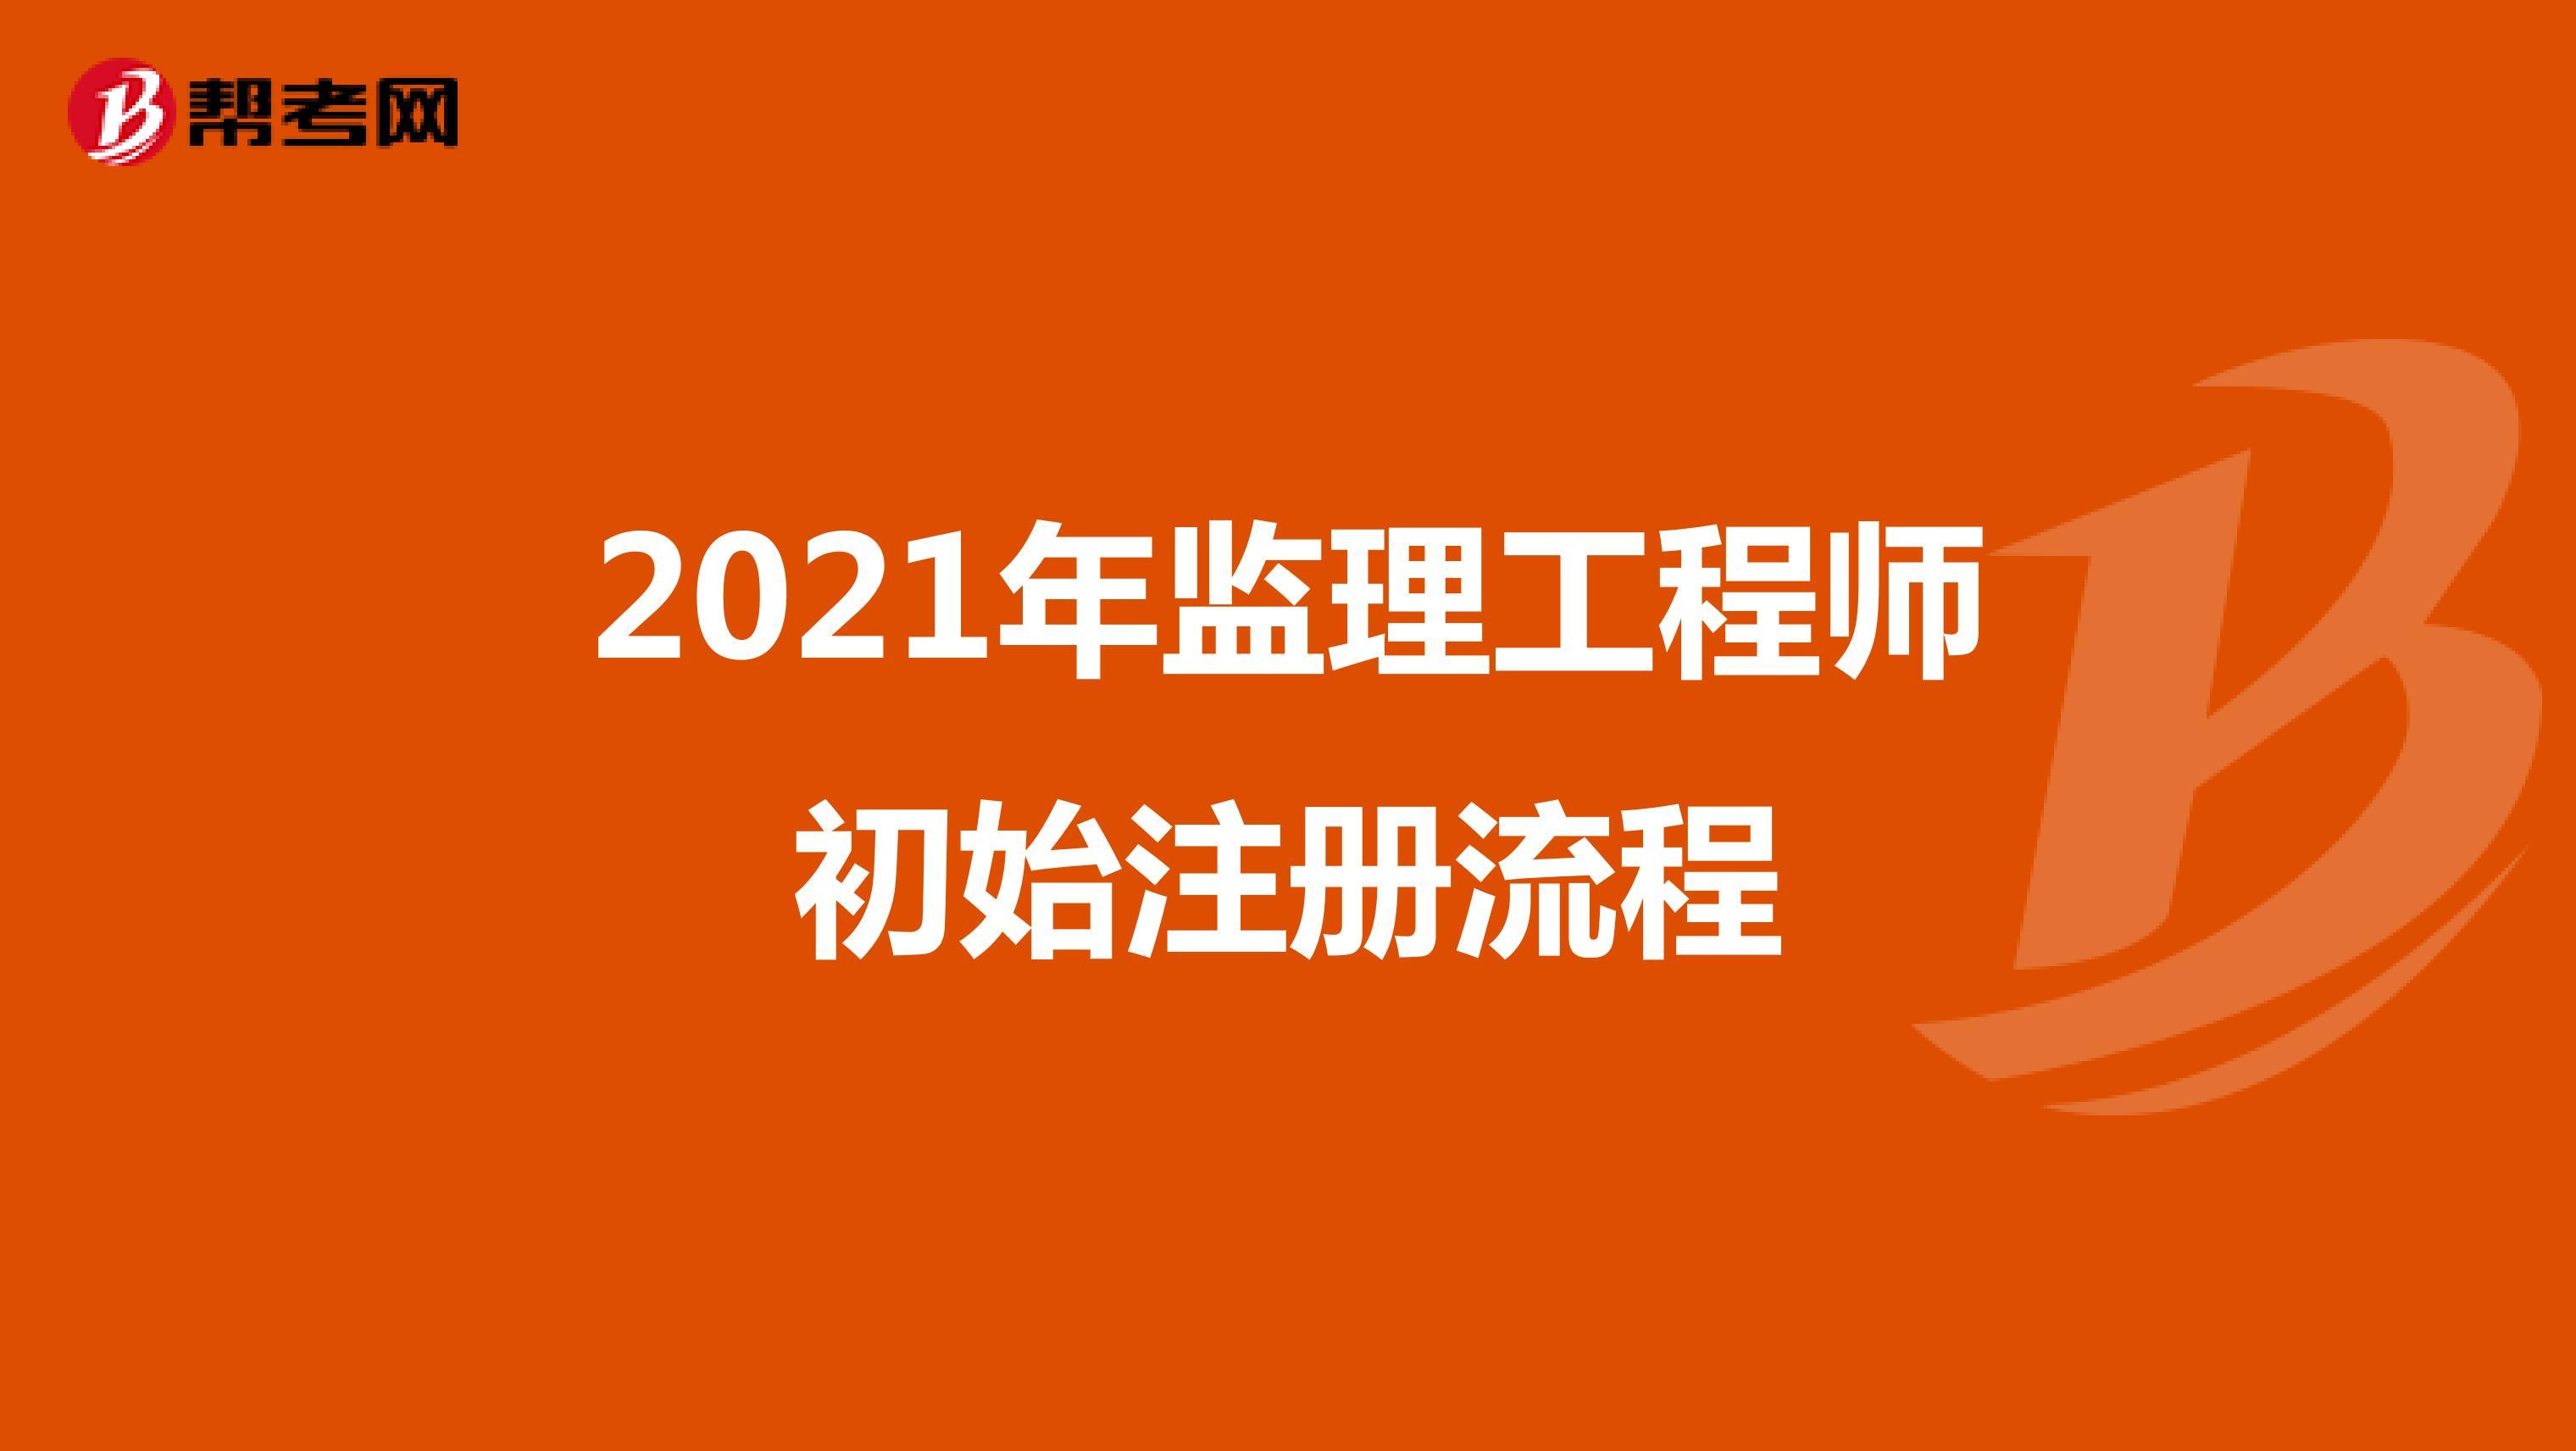 2021年监理工程师初始注册流程